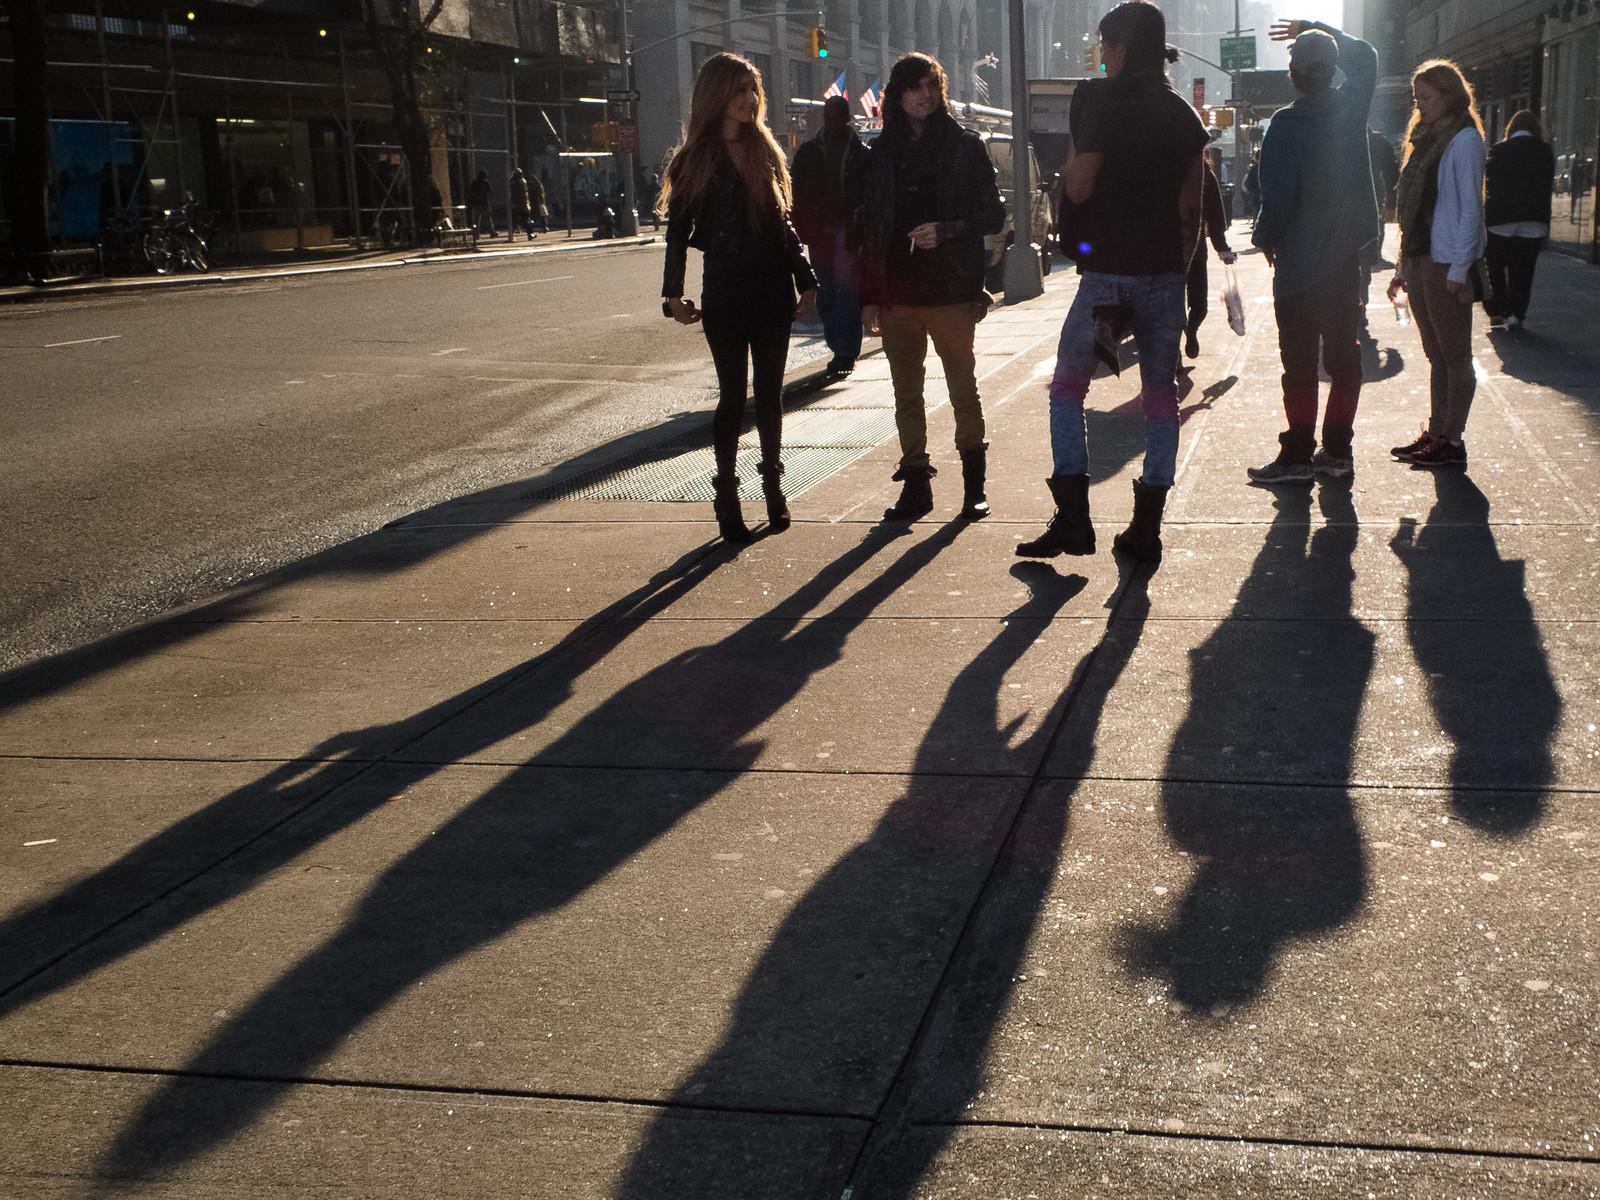 Shadows by wwward0